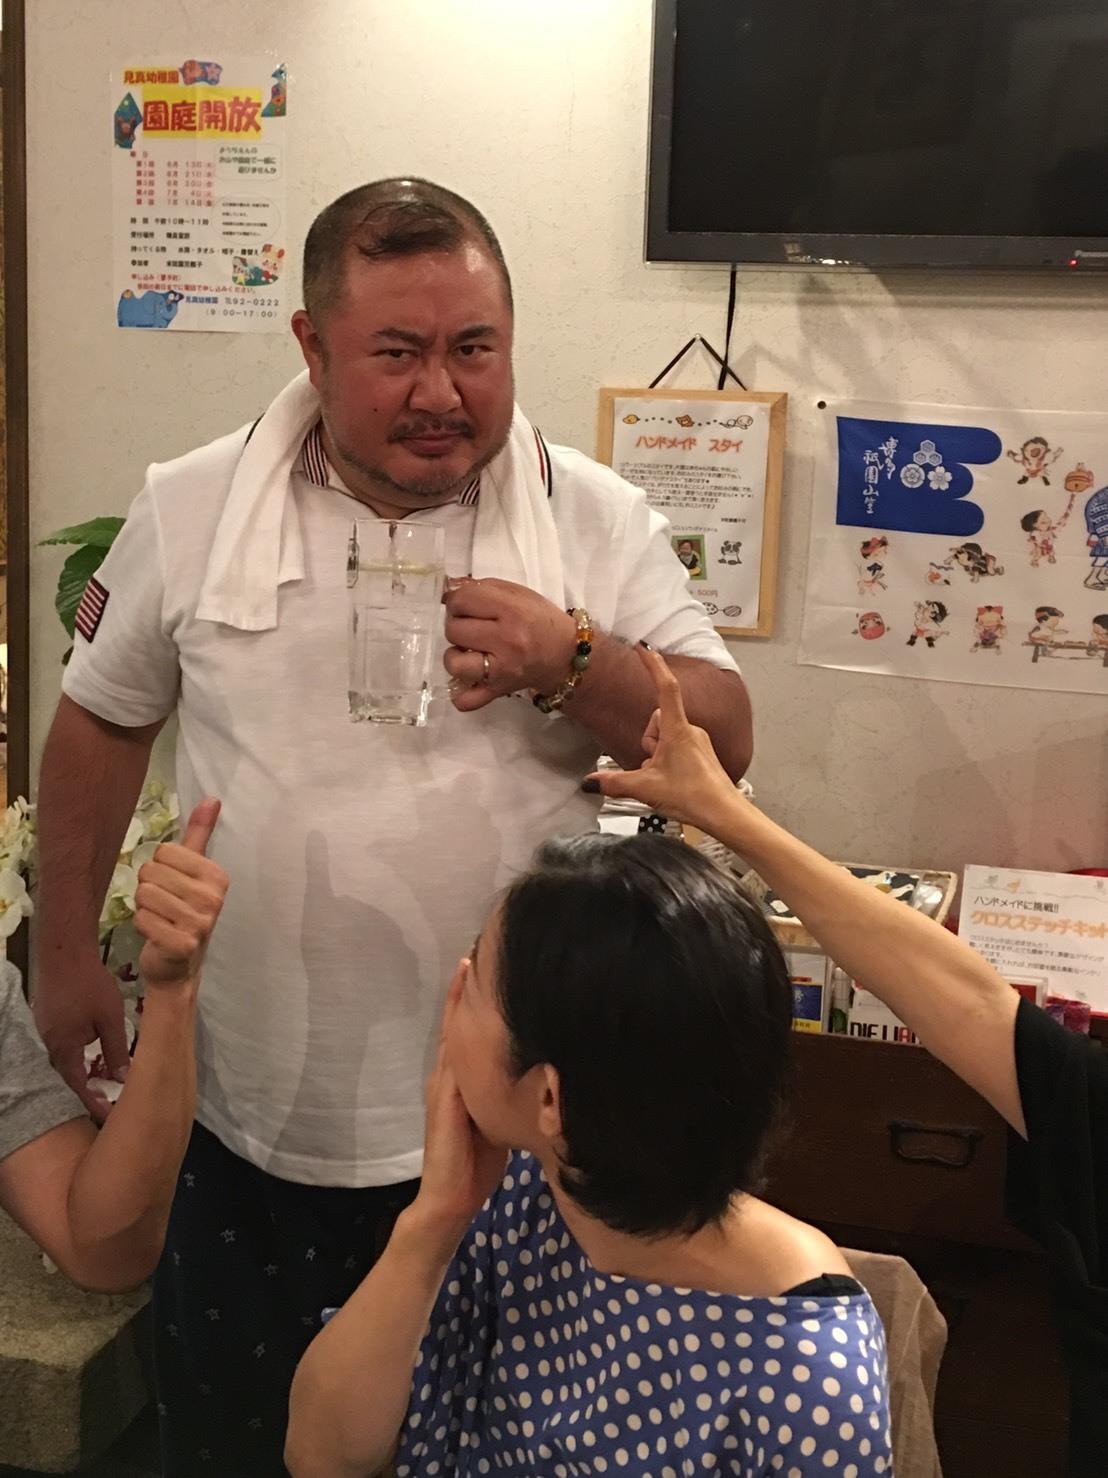 カゾクマン【基山公演】_a0163623_23393122.jpg